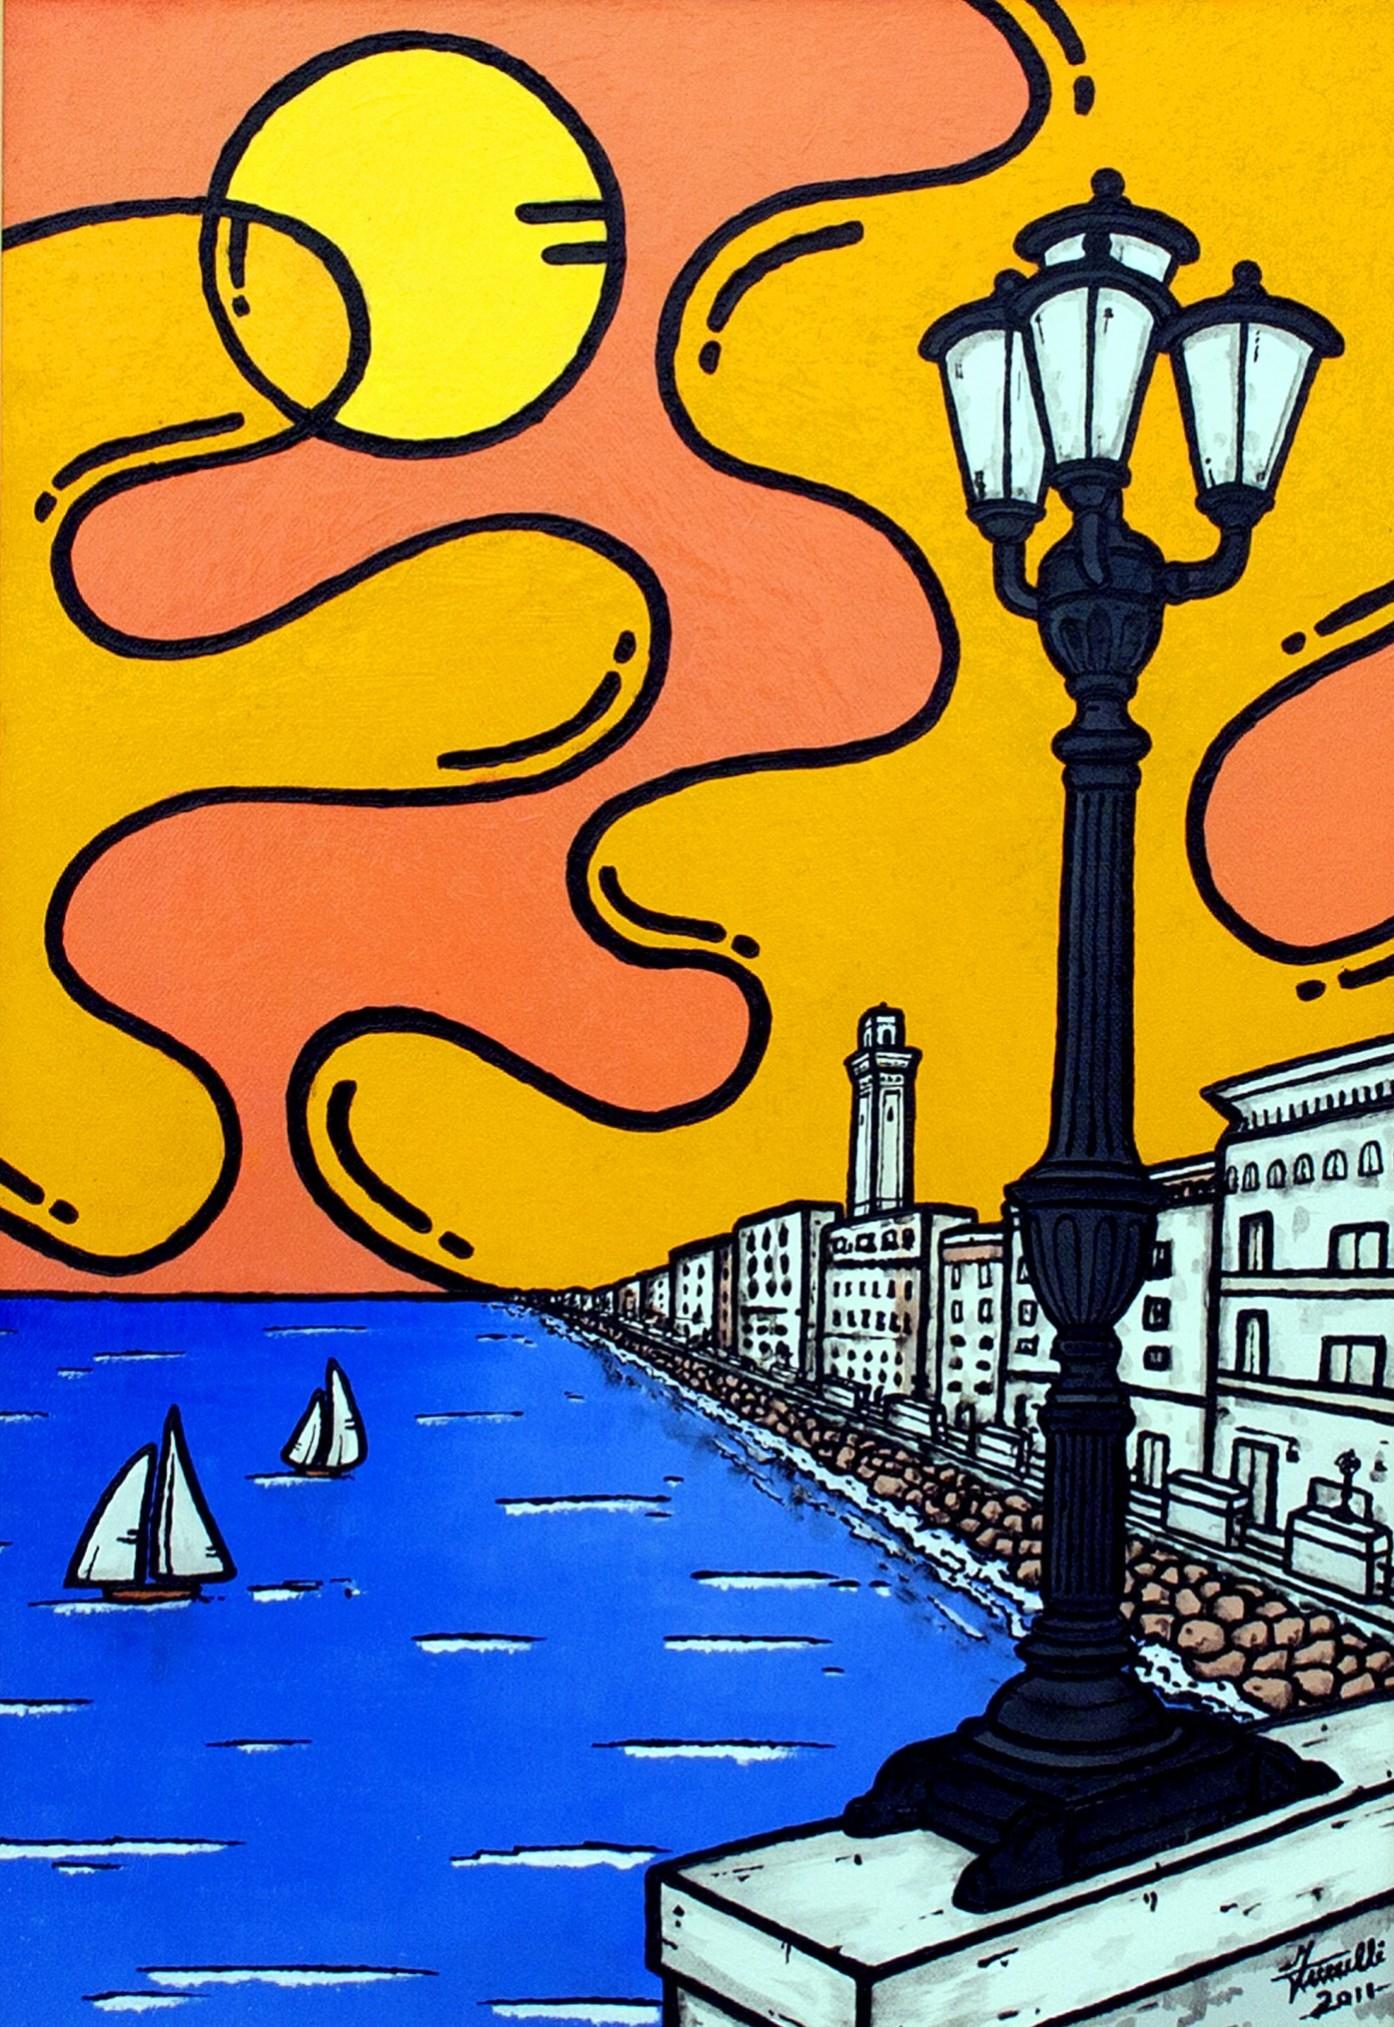 opera d'arte, contornismo metafisico, francesco ferrulli, pittore pugliese, artista italiano, arte contemporanea, dipinto, olio su tela, acrilico su tela, paesaggi pugliesi, quadro colorato, oil on canvas, art, painter, bari, lungomare barese, mare, vele